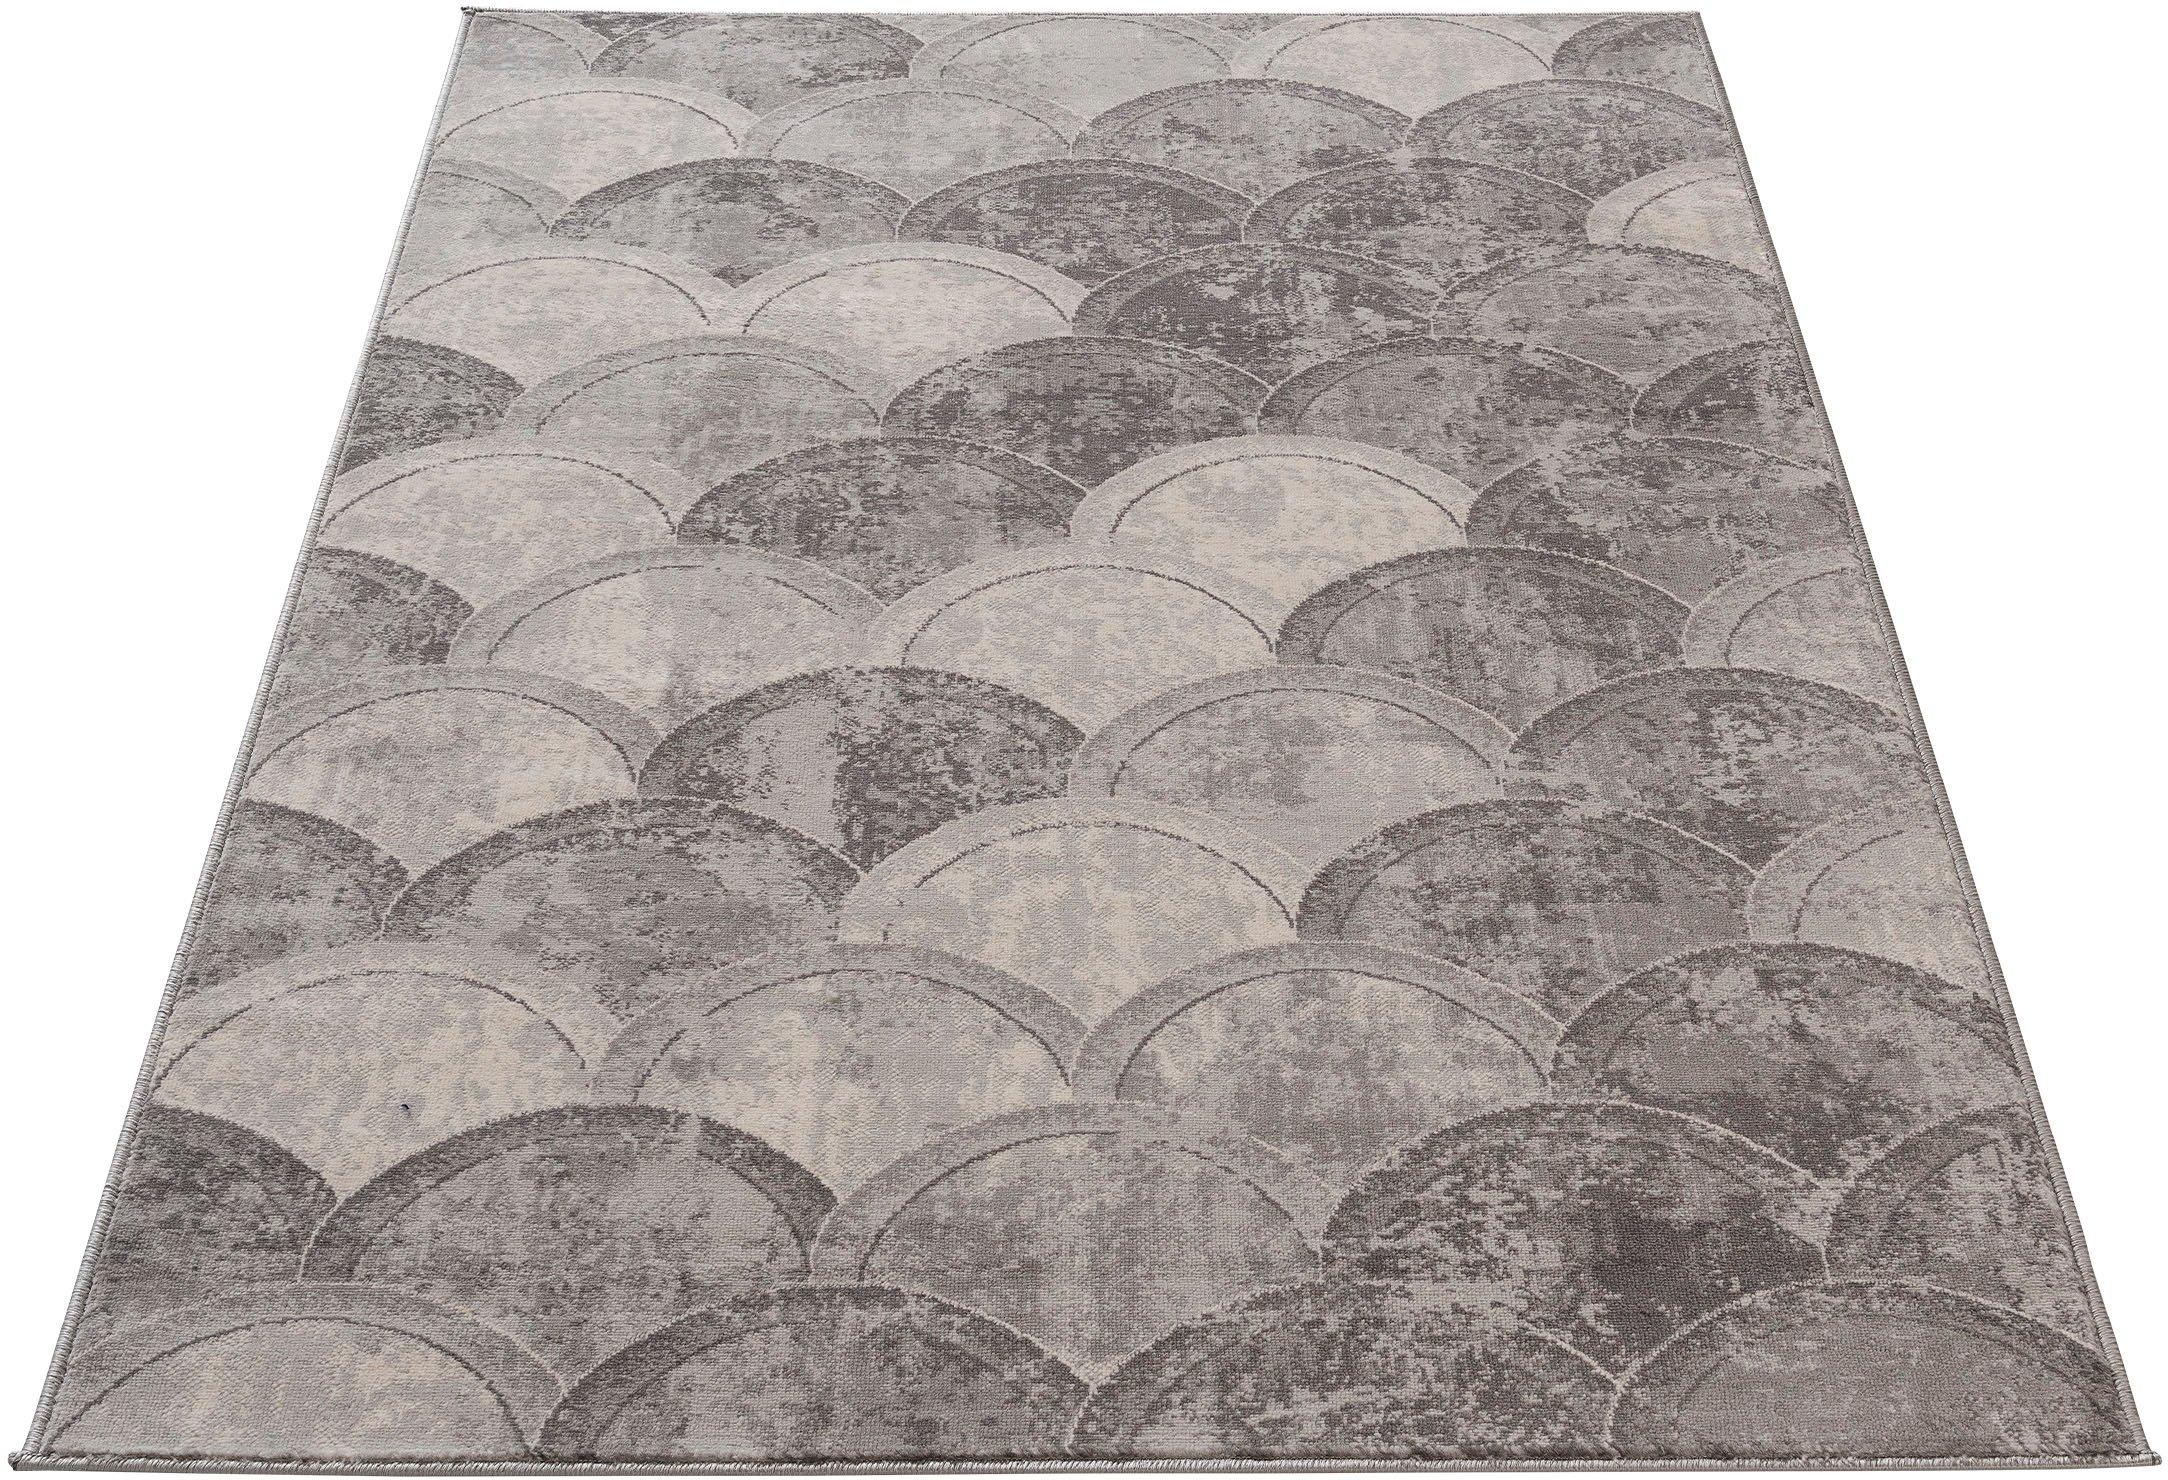 Sehrazat oosters tapijt »Montana 3730« - verschillende betaalmethodes